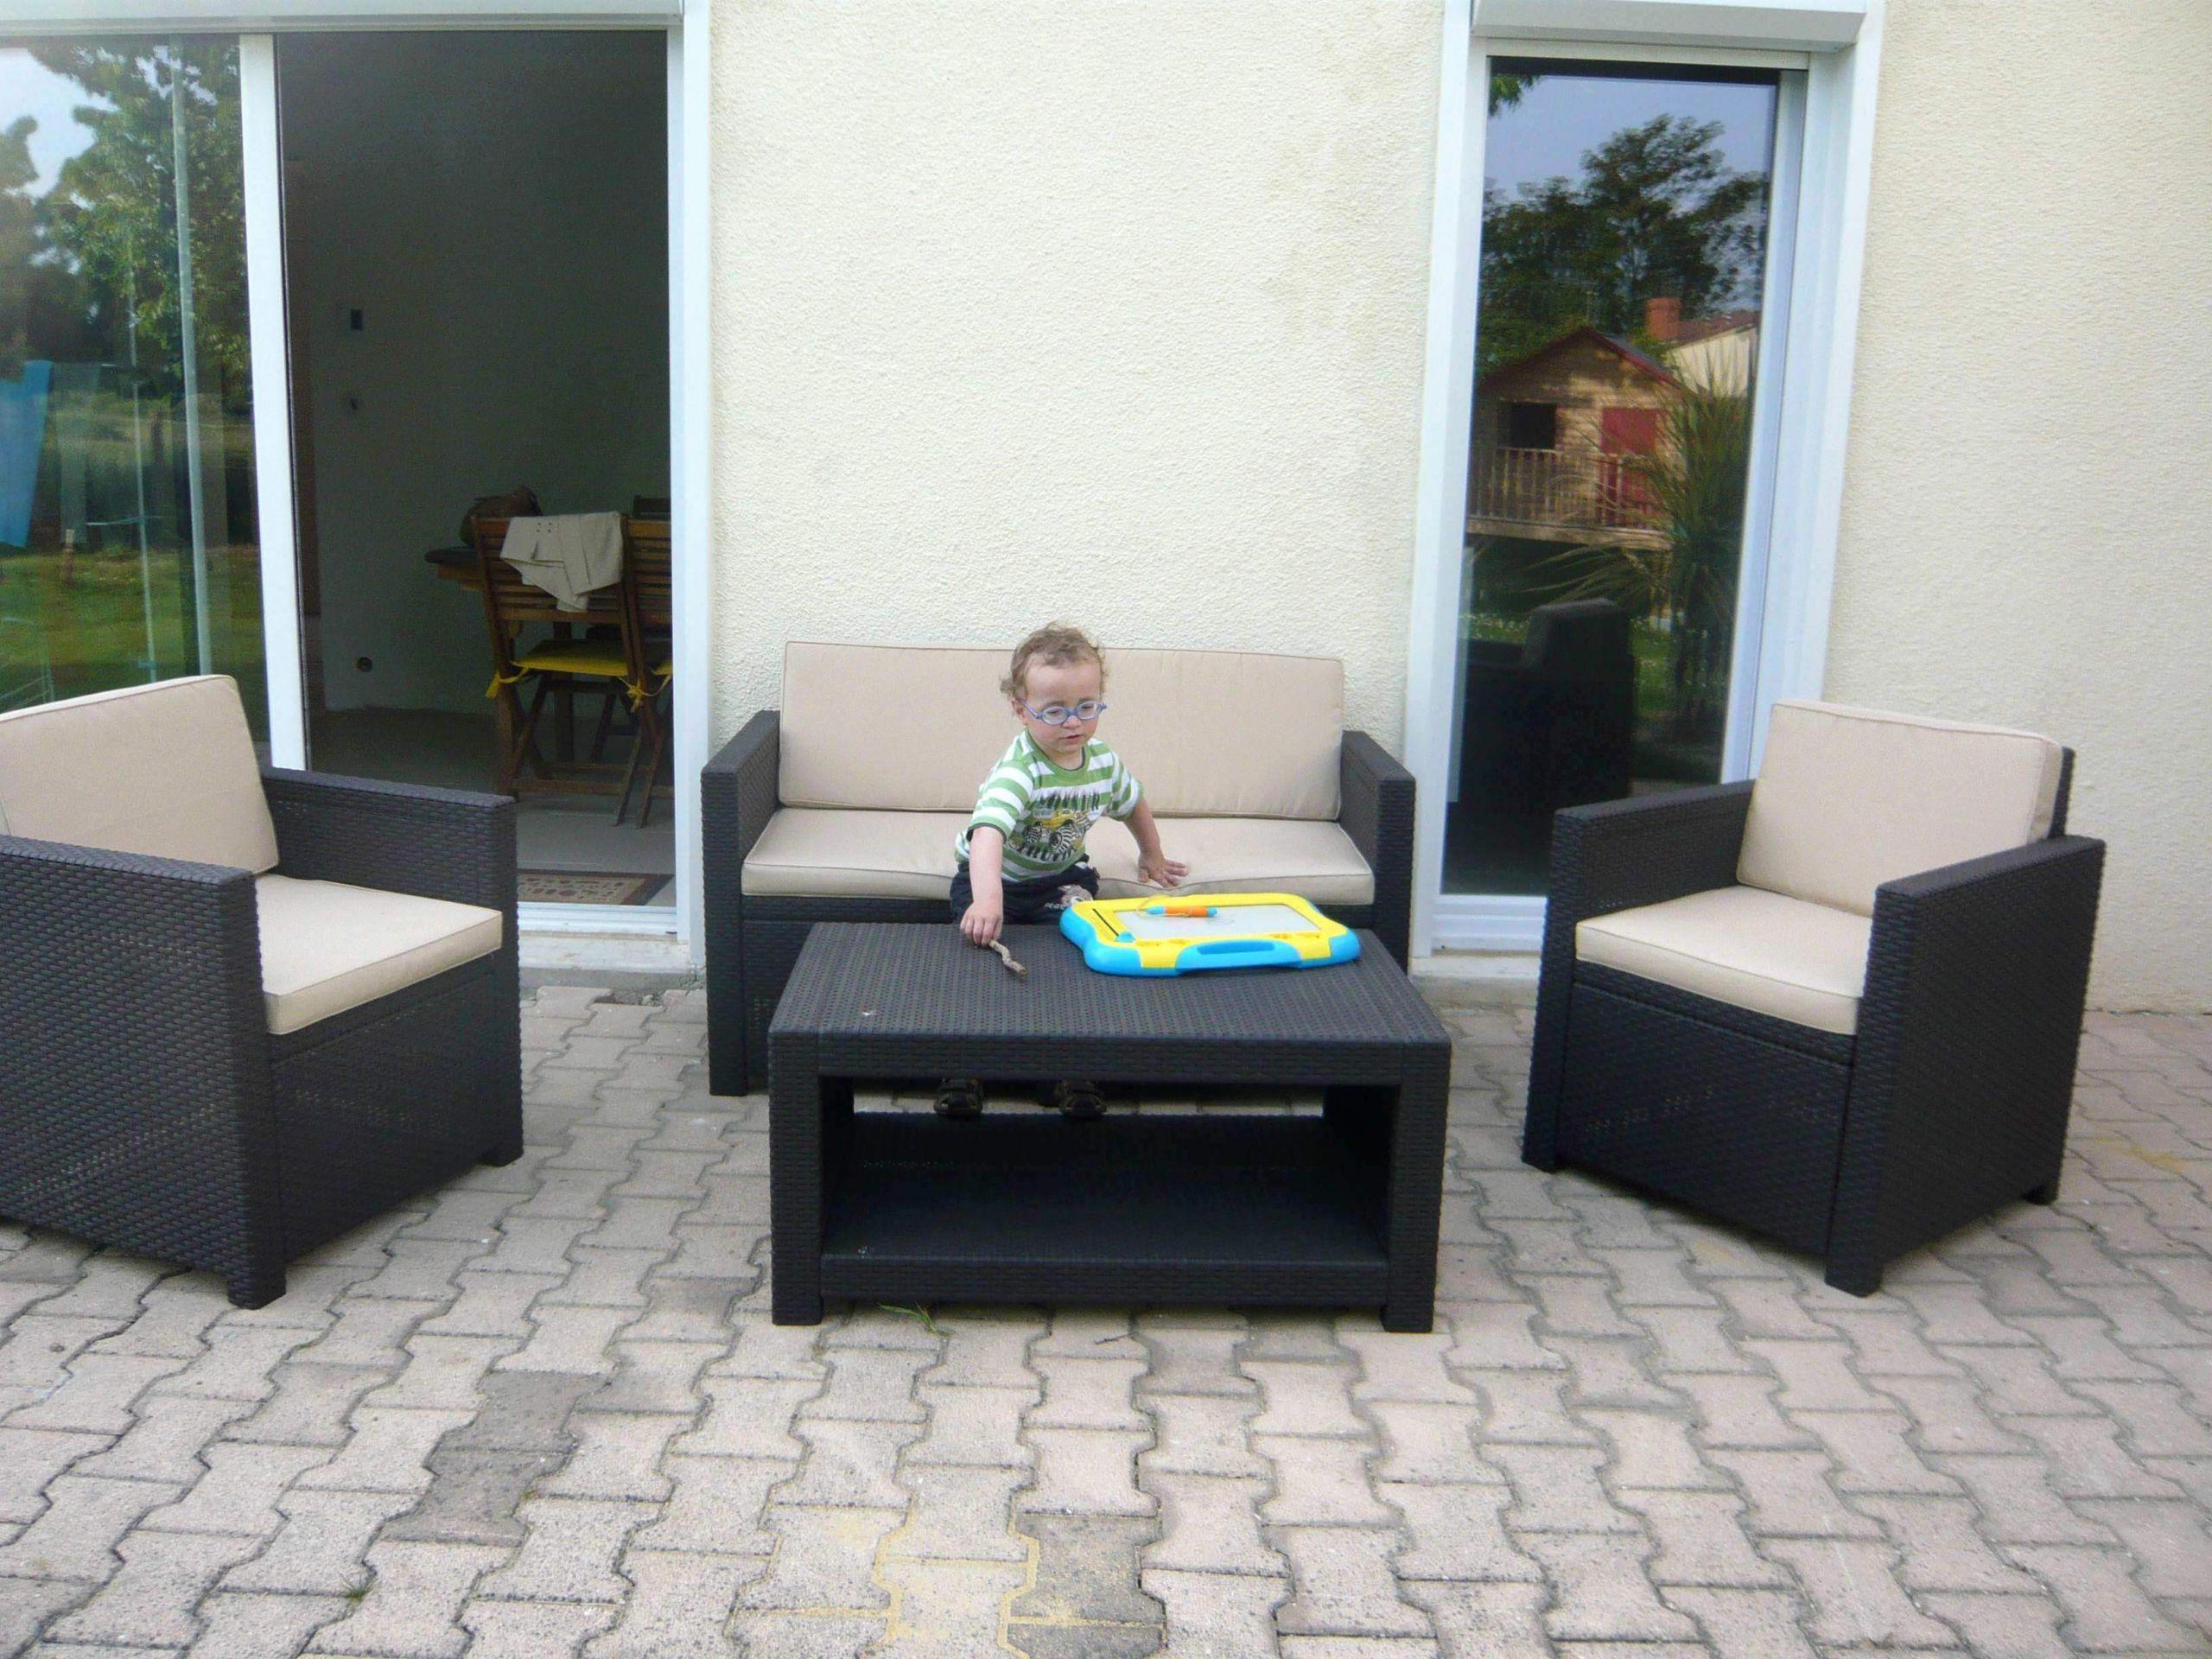 chaise de bureau carrefour luxe mobilier de jardin carrefour inspirational chaise basse de jardin of chaise de bureau carrefour